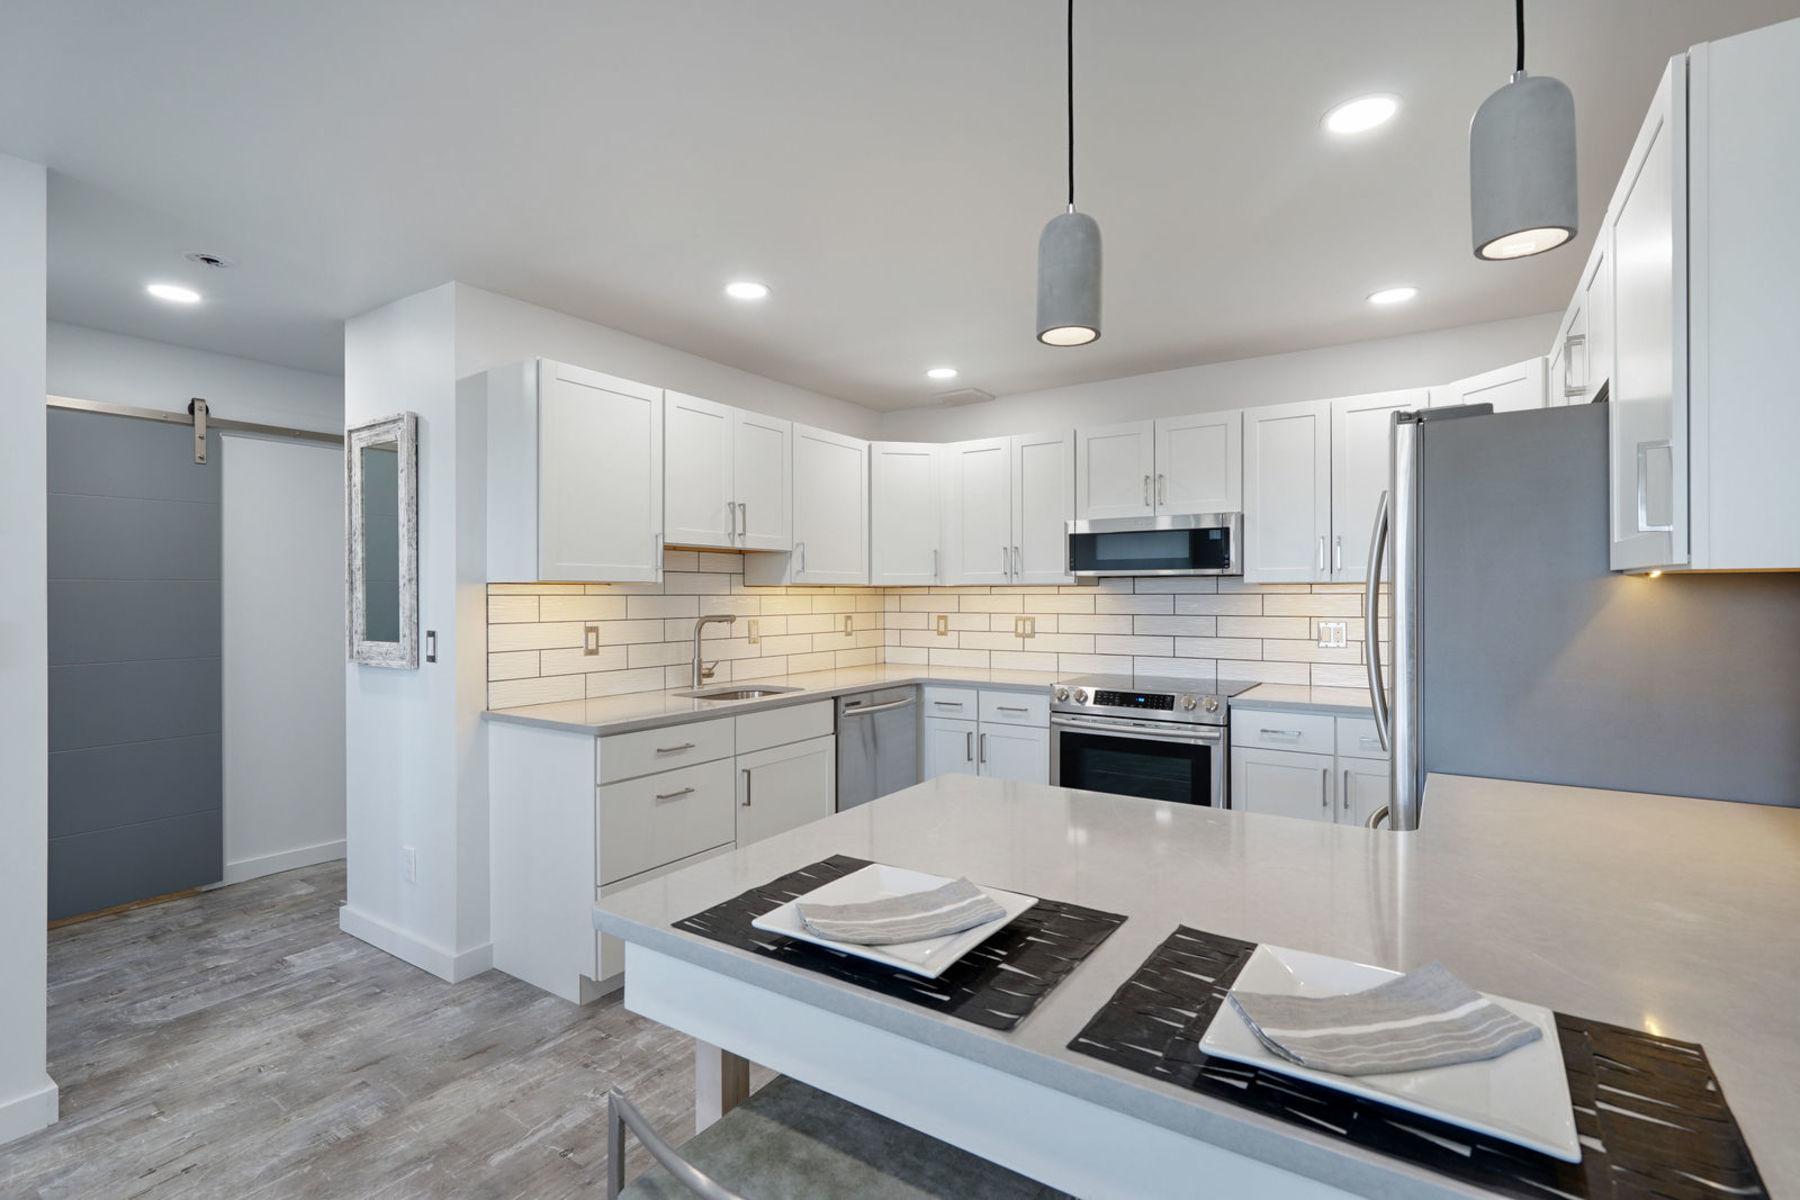 Condomínio para Venda às Modern Beach Condo at The Executive House 210 5th Ave #37, Belmar, Nova Jersey 07719 Estados Unidos